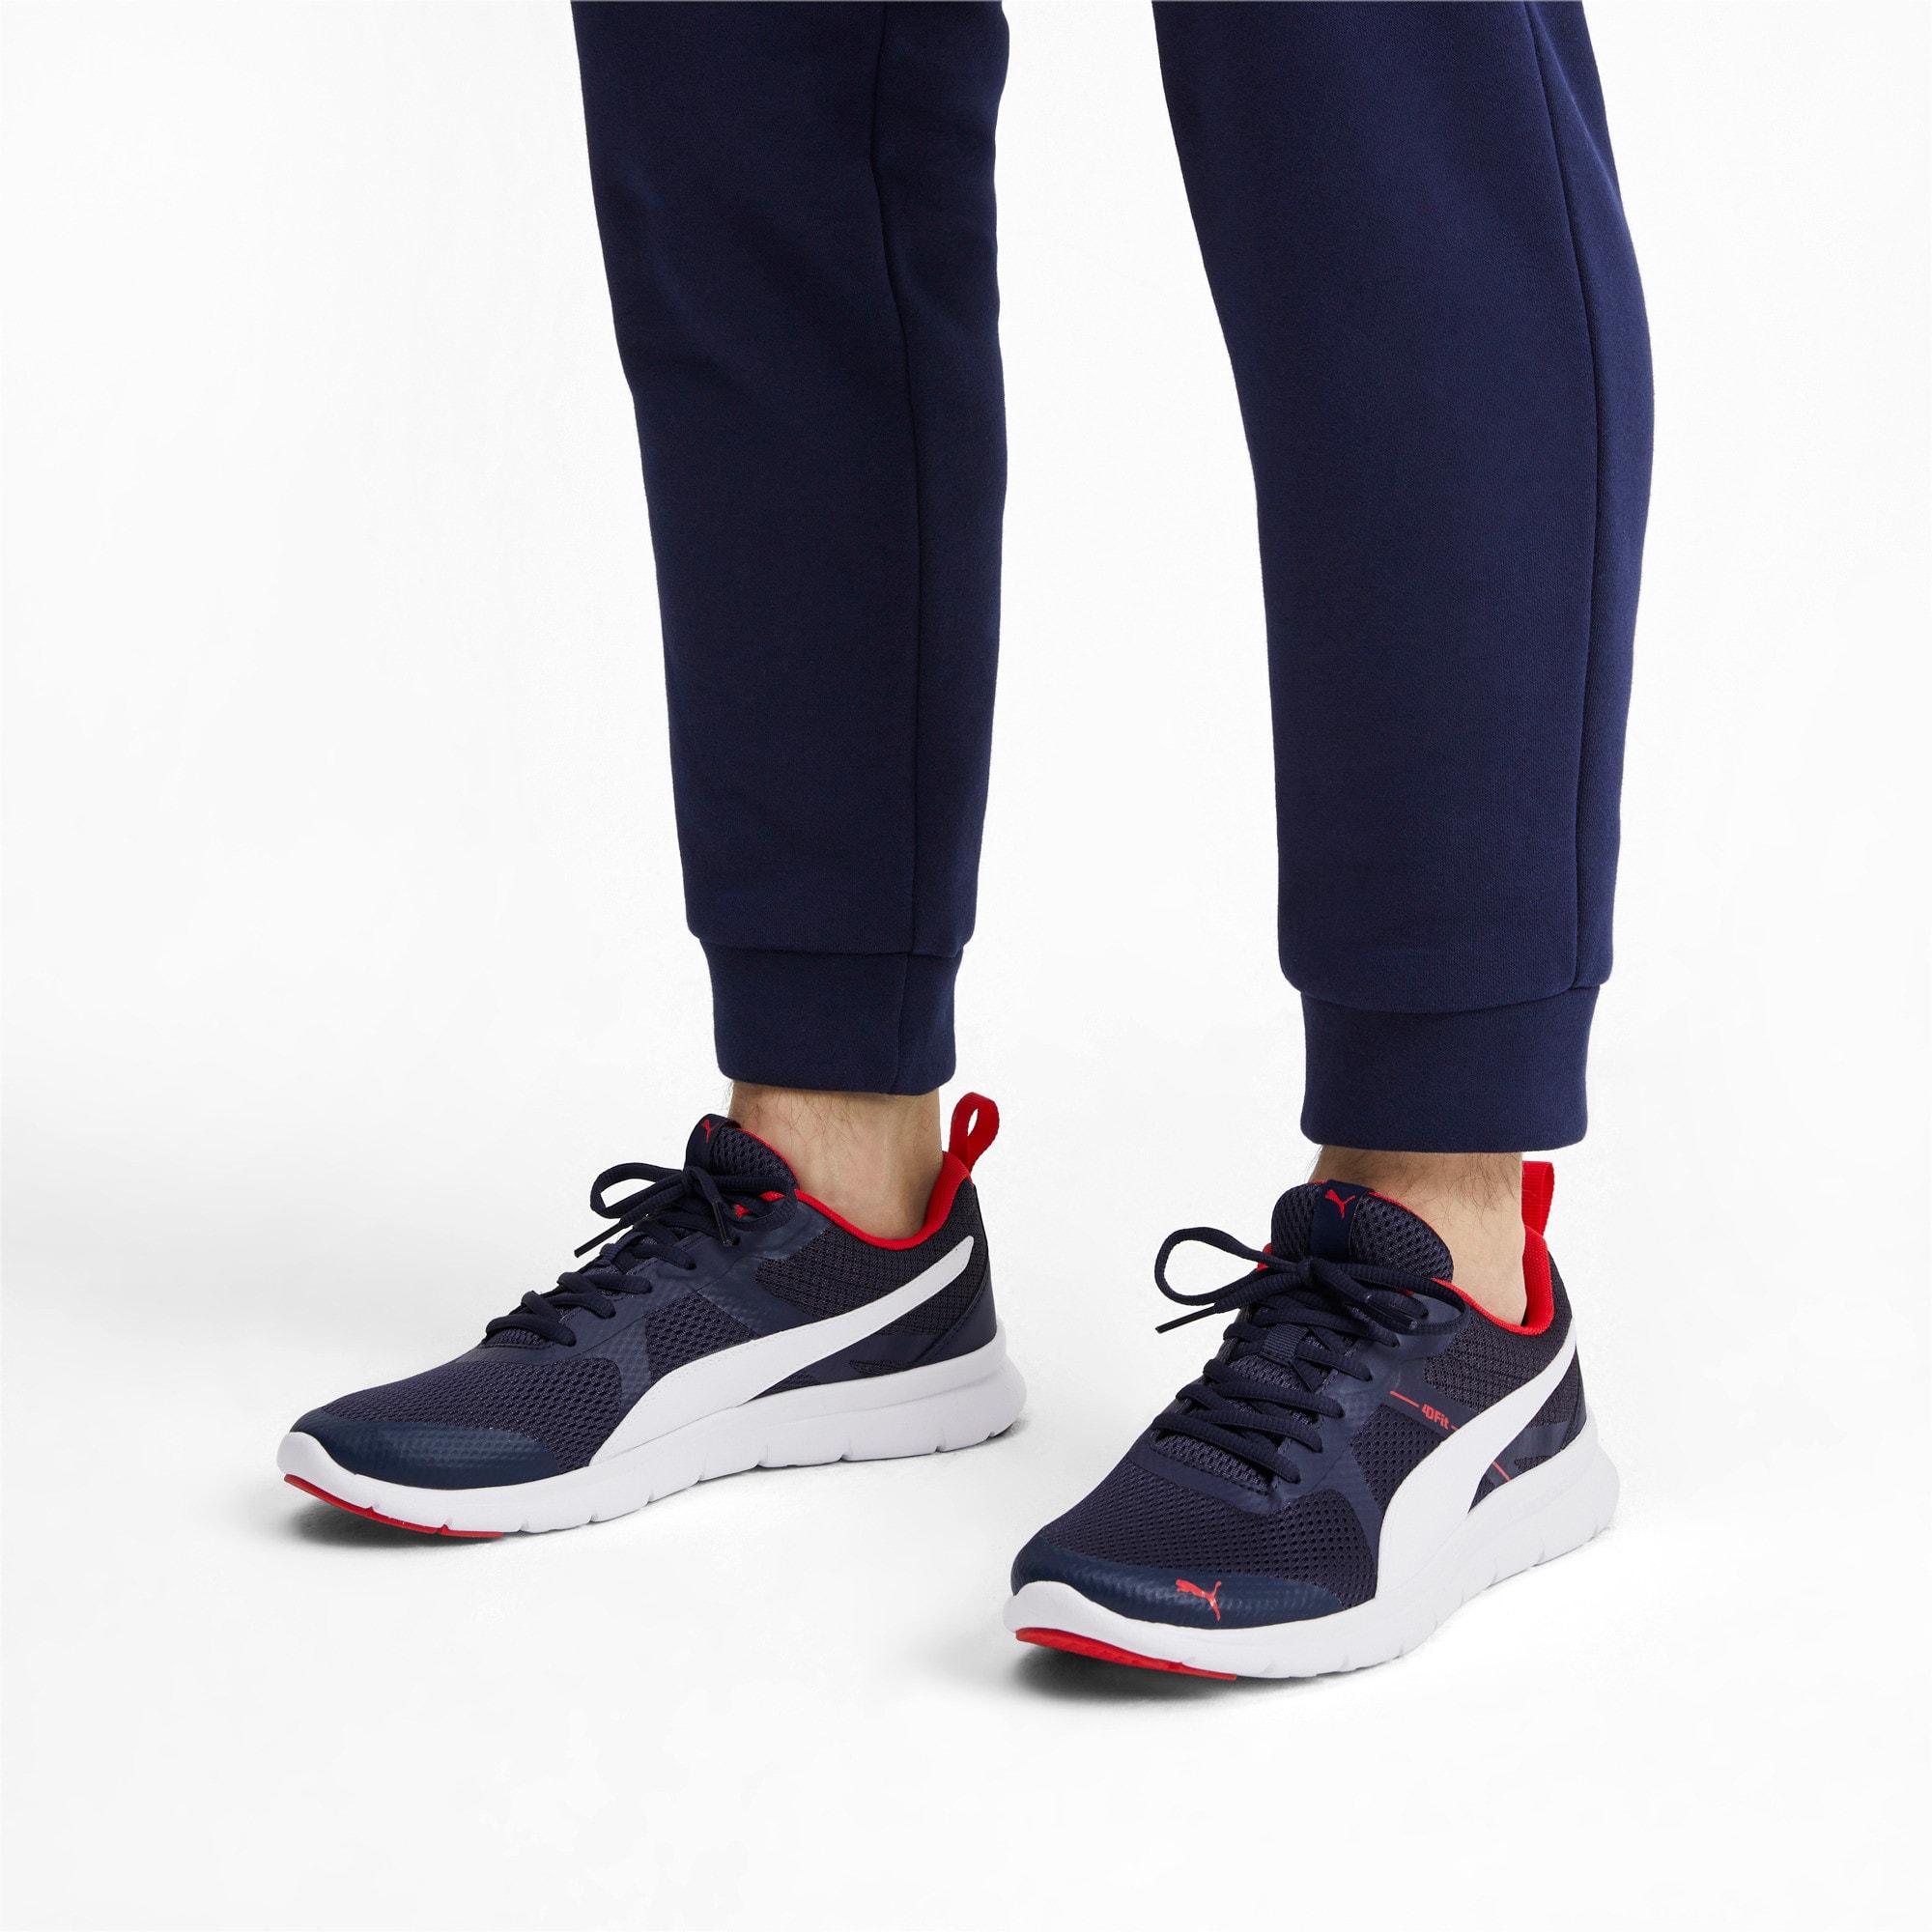 Thumbnail 2 of Flex Essential Training Shoes, Peacoat-P.White-Hi. Risk Red, medium-IND